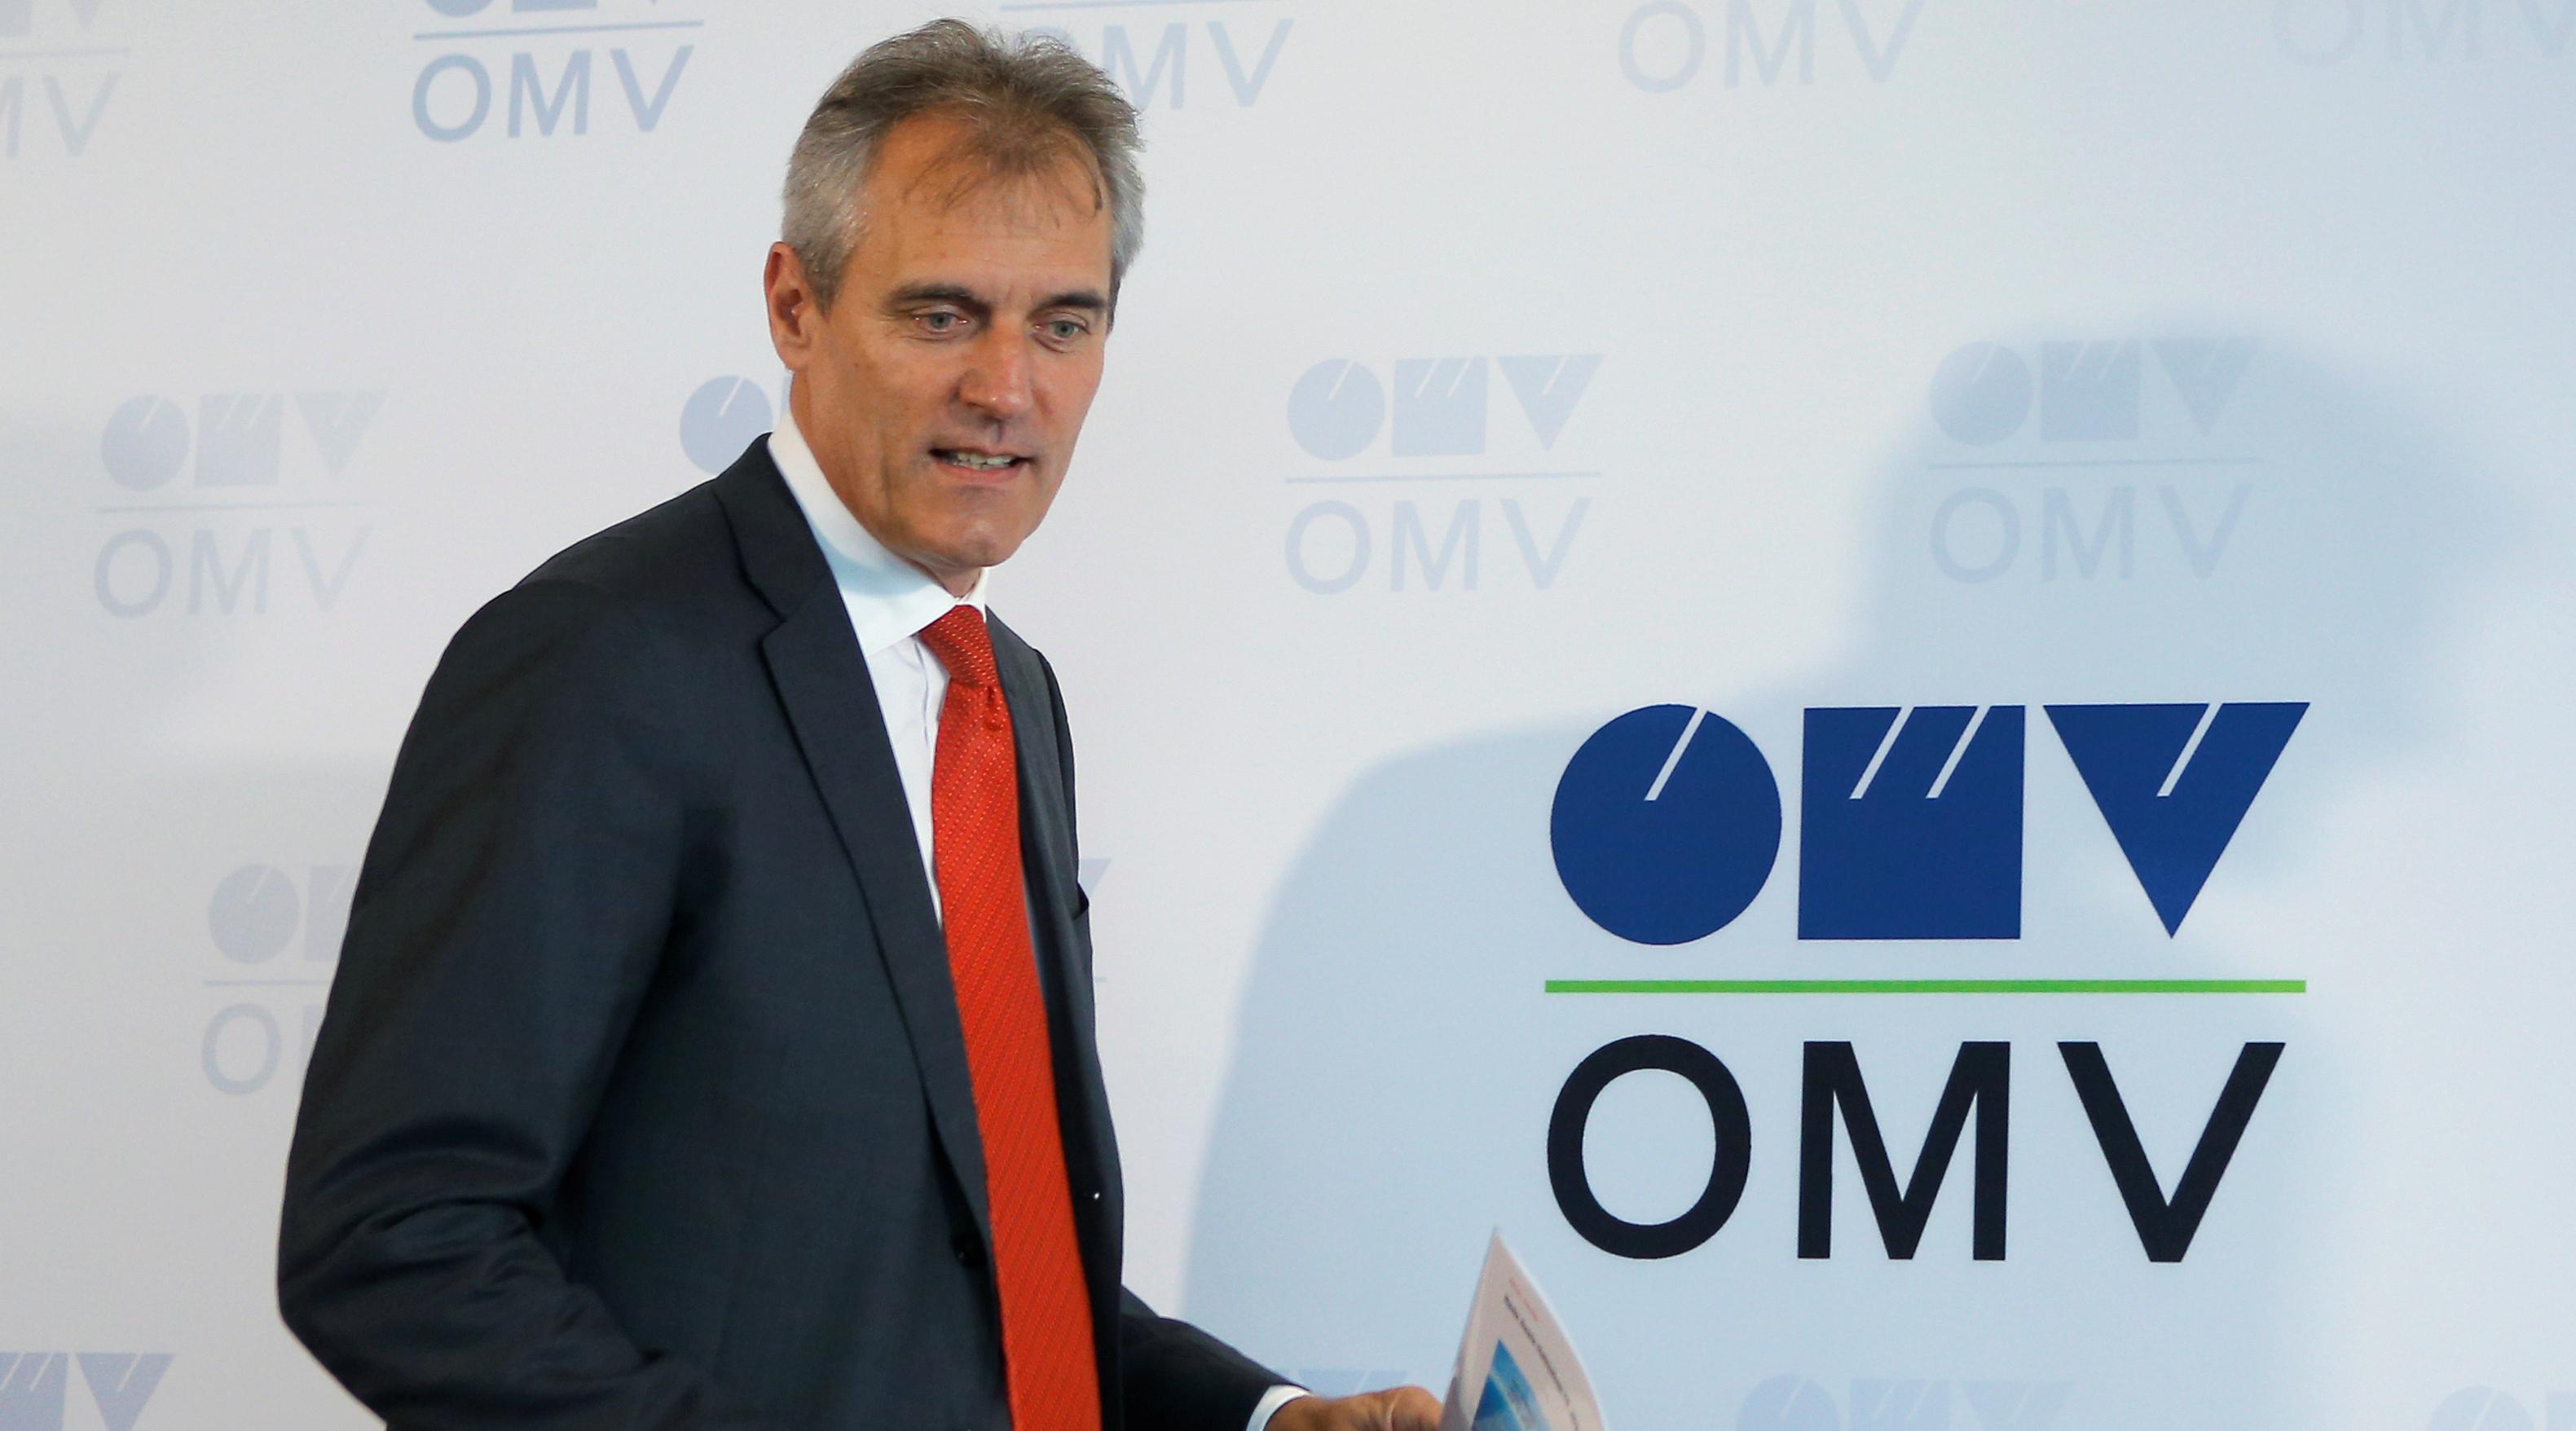 """Глава OMV рассказал, из-за чего может развалиться проект """"Северный поток-2"""""""